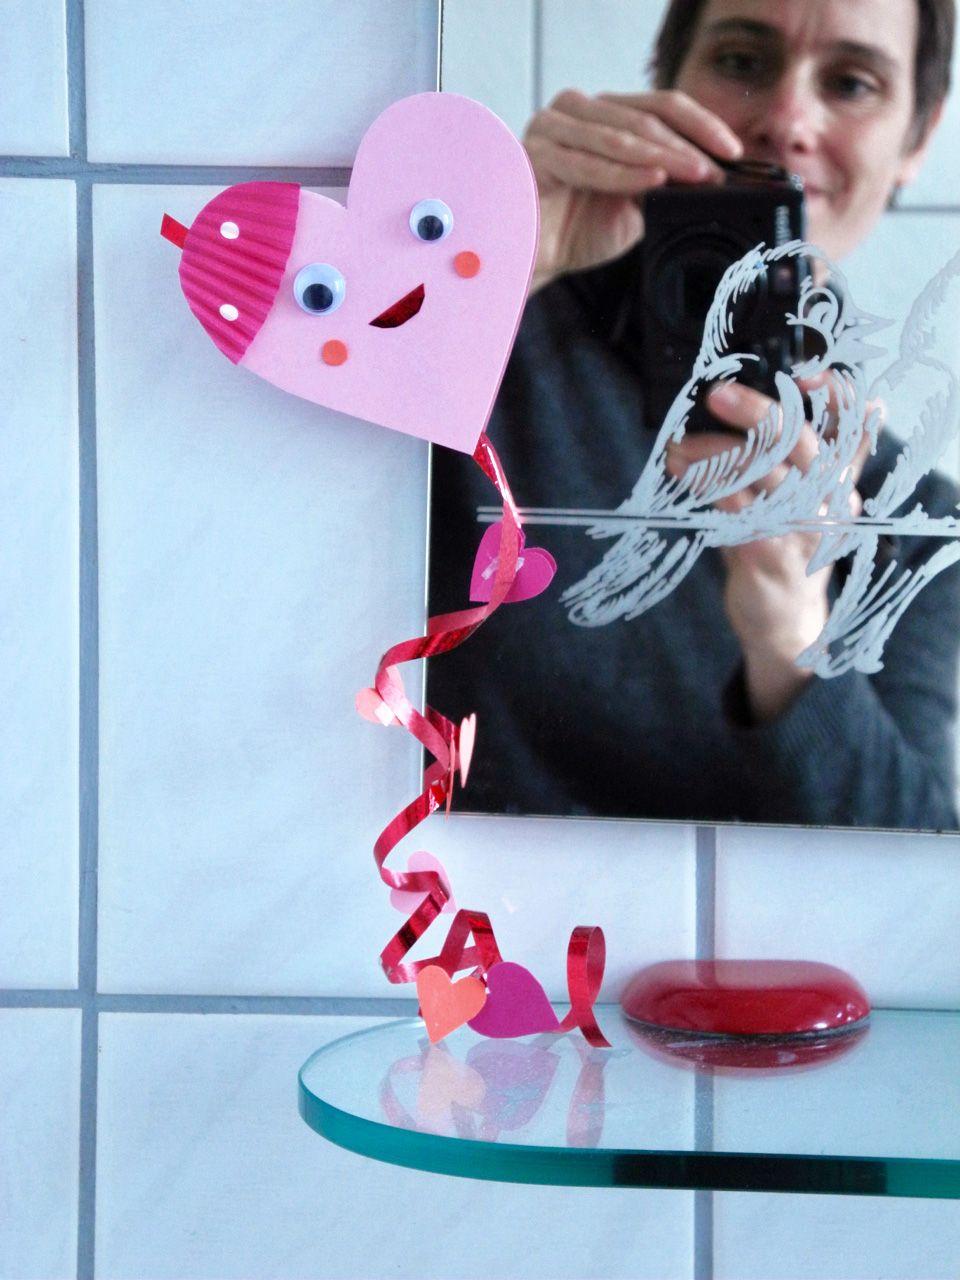 Geschenk Zum Valentinstag: Herzchen-Drachen // Diy-Idee in Originelle Geschenke Zum Valentinstag